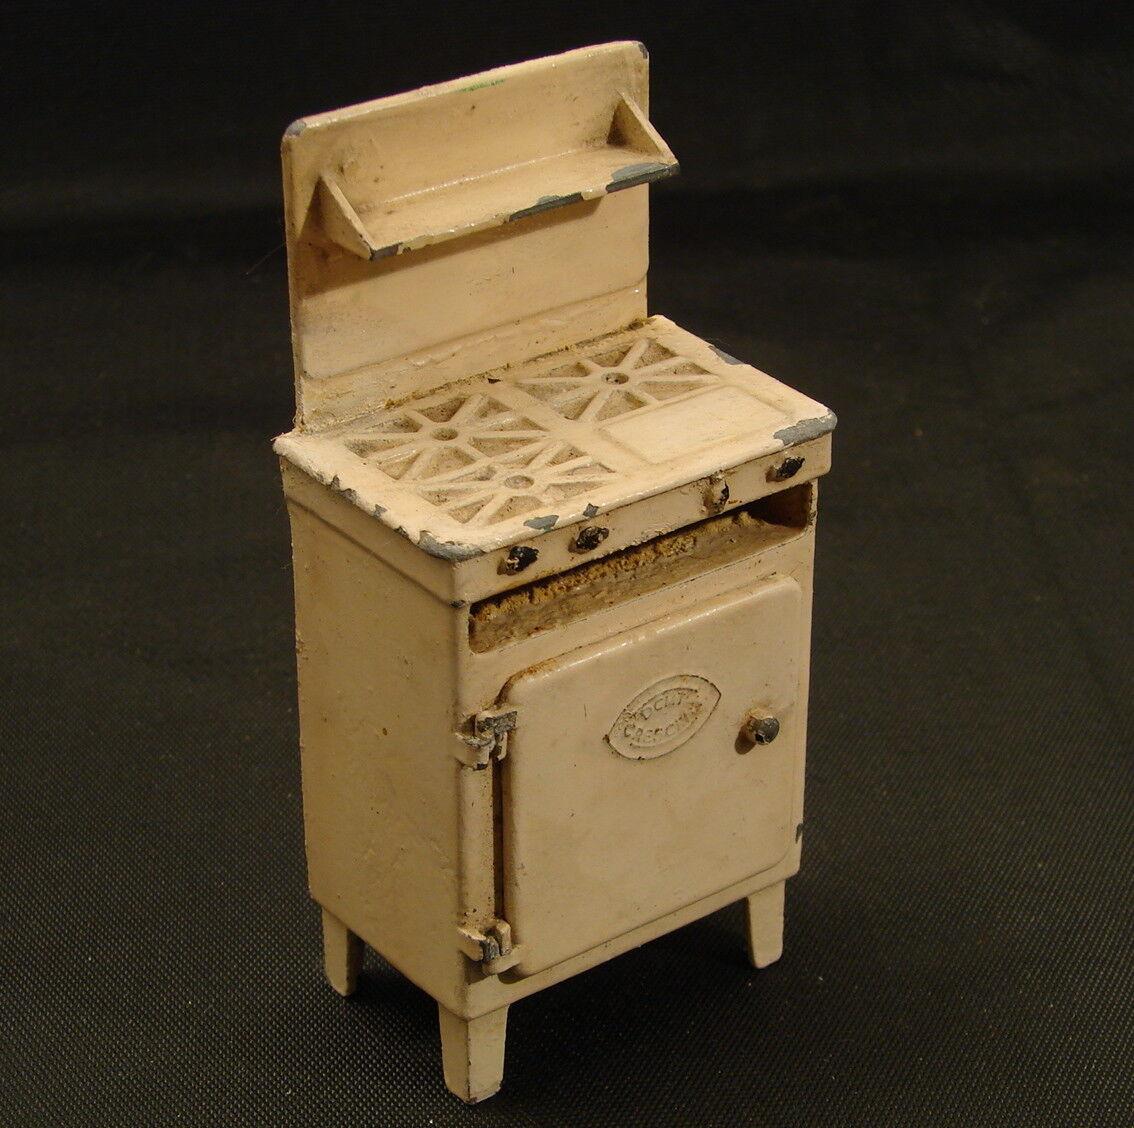 60% de descuento Cocina de de de Juguete Fundido Vintage 1930s 50s con puerta de apertura Crescent Juguetes Inglaterra  tienda de bajo costo